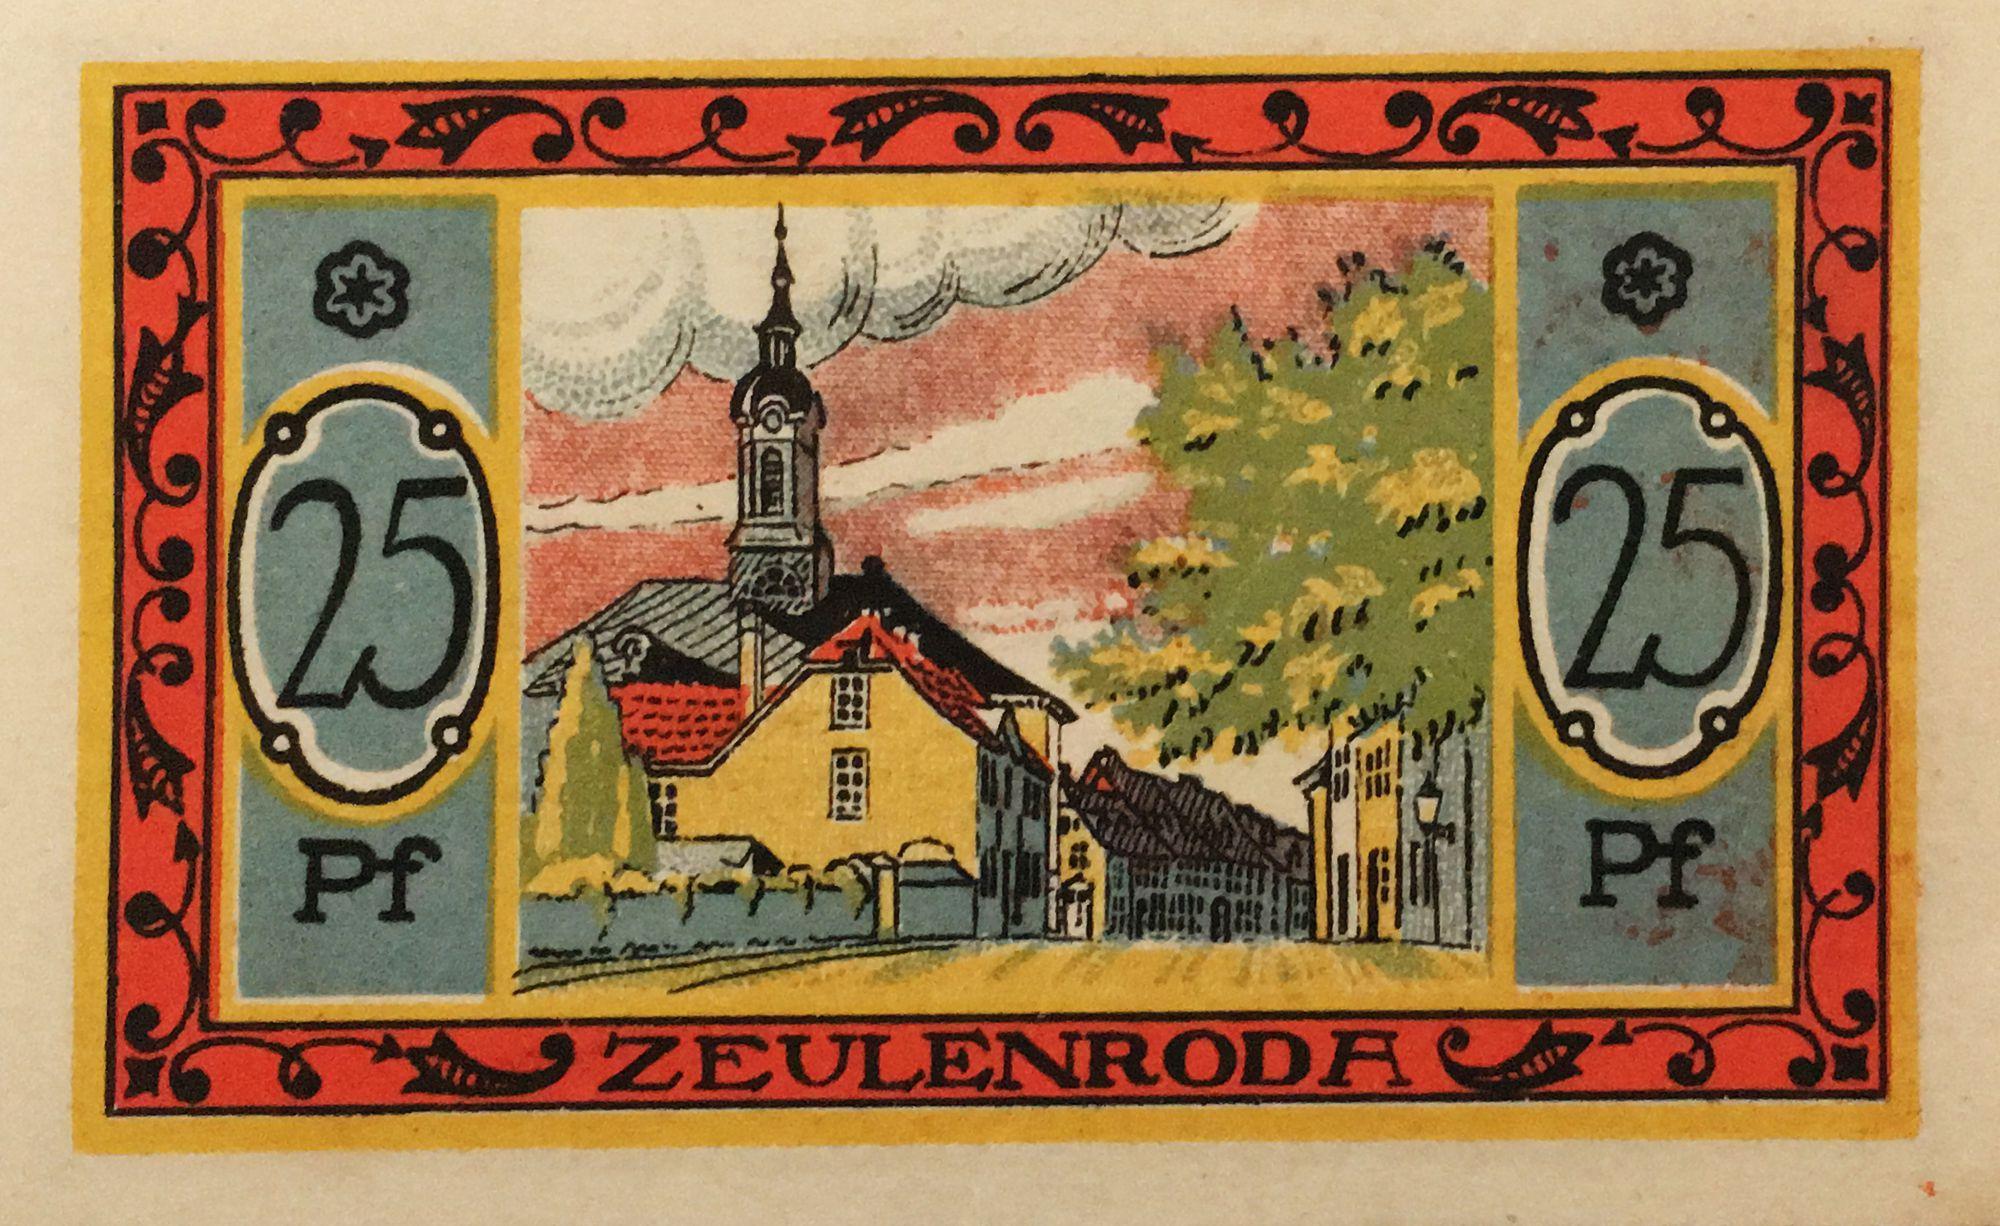 Germany 25 Pfennig, Zeulenroda - notgeld 1921 - XF+